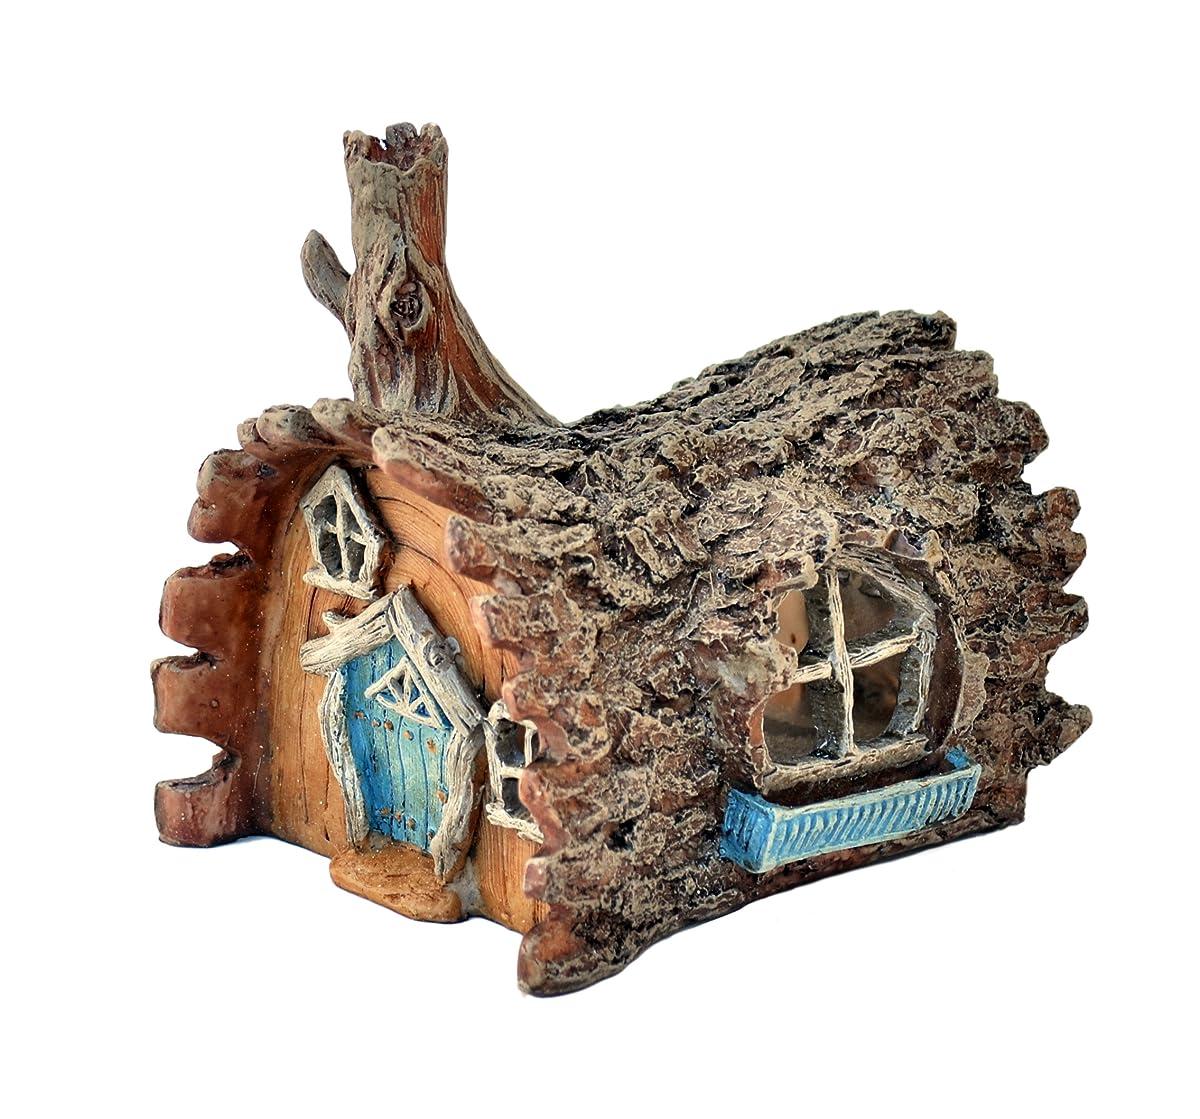 Fiddlehead Fairy Garden Log Home with Swinging Door